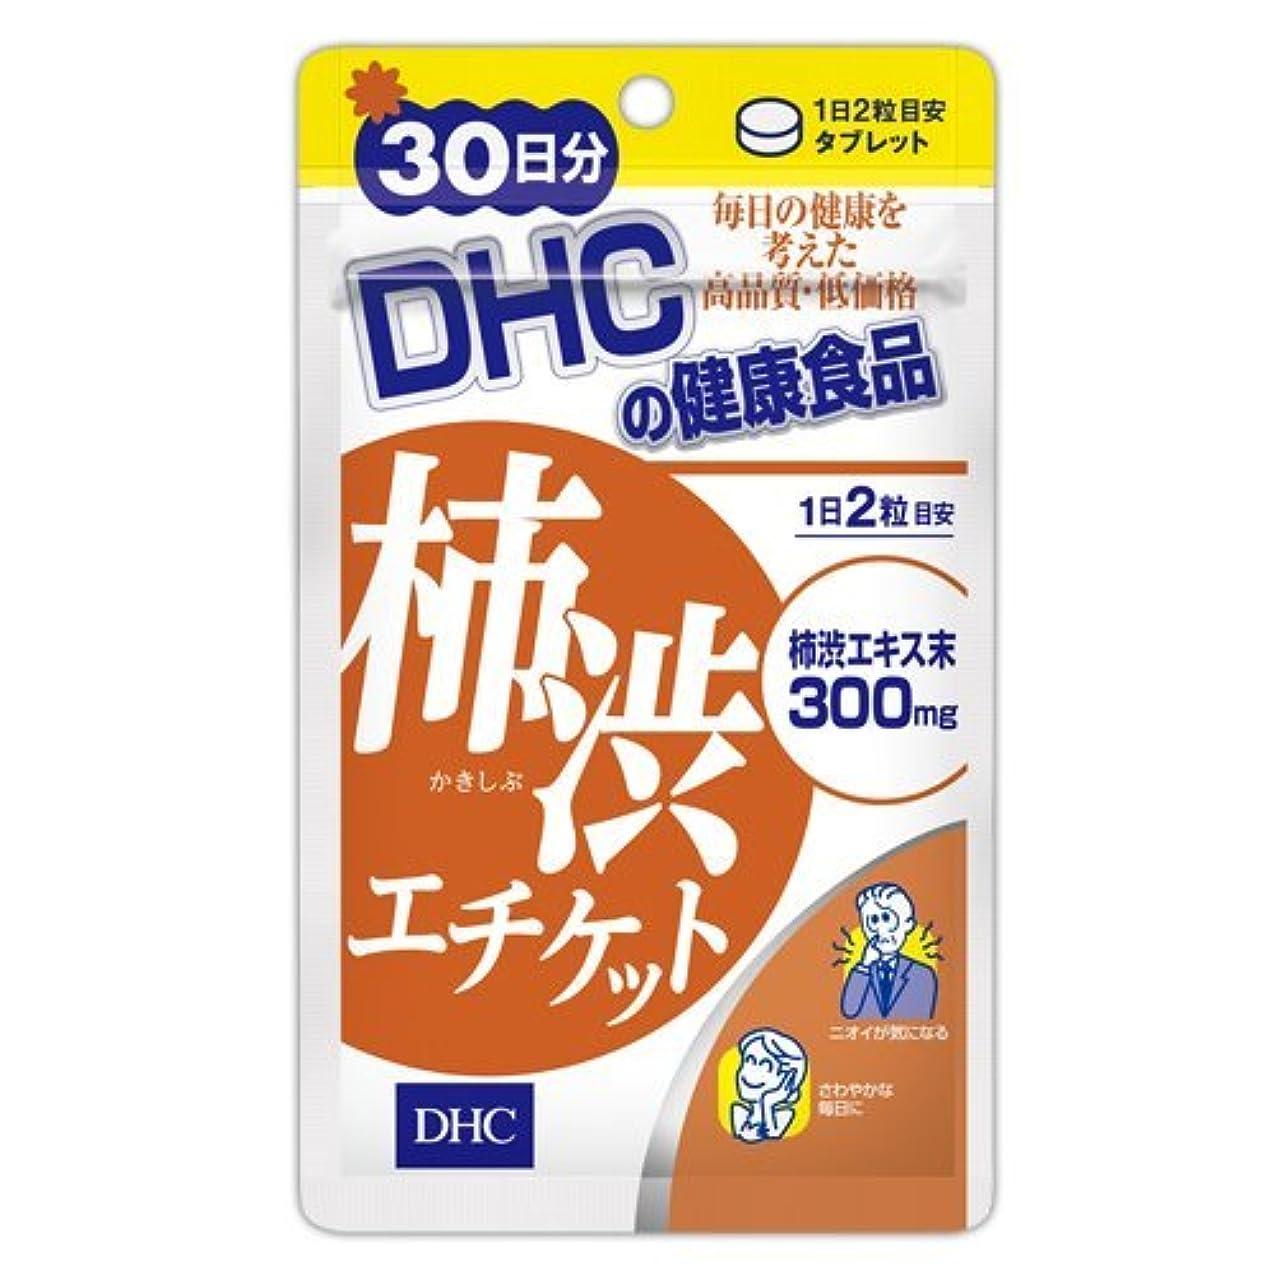 ロマンス期待して歴史DHC 柿渋エチケット 30日分 60粒入